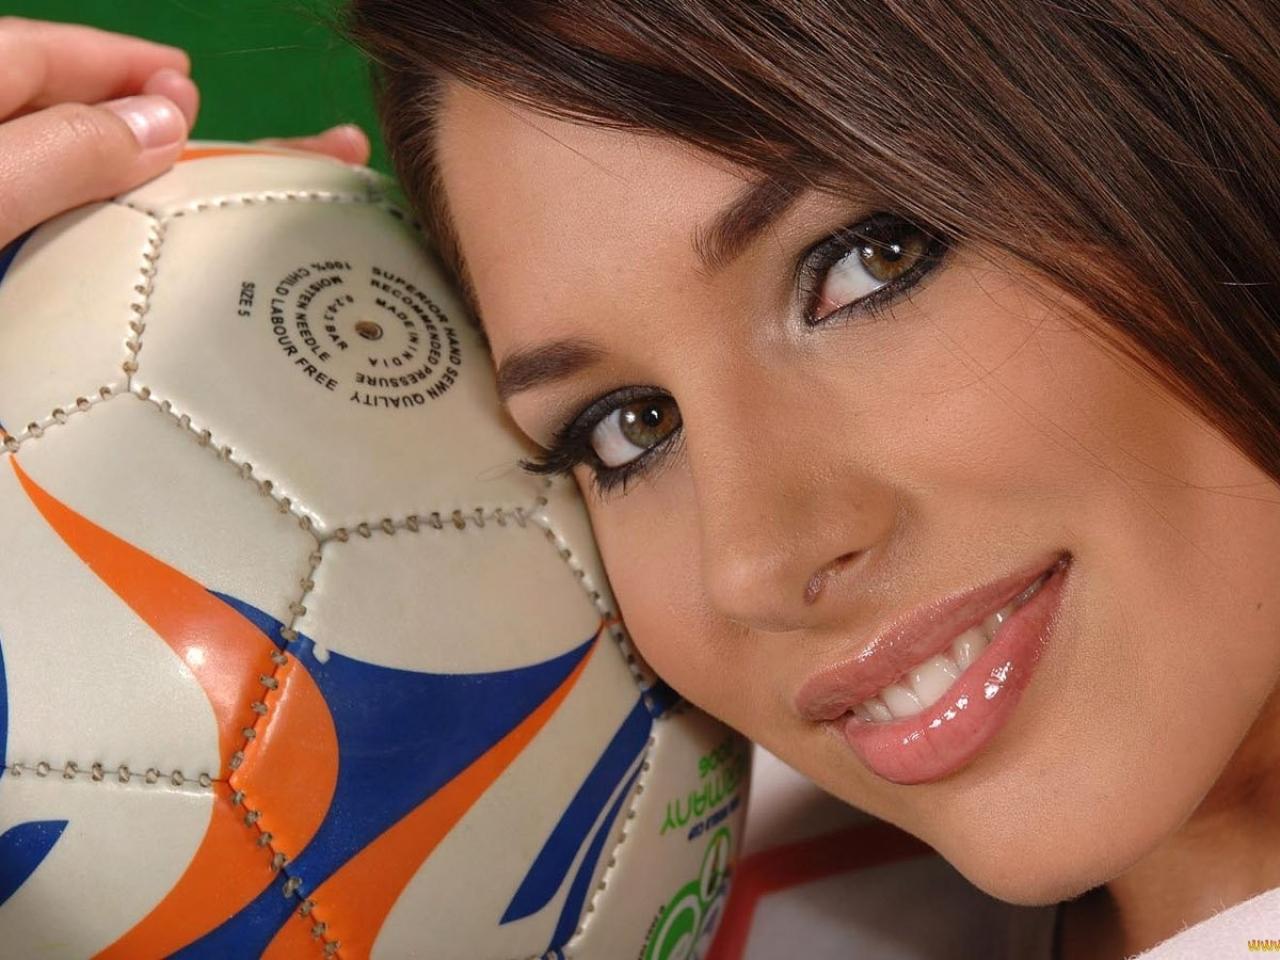 Una chica y balón de fútbol - 1280x960